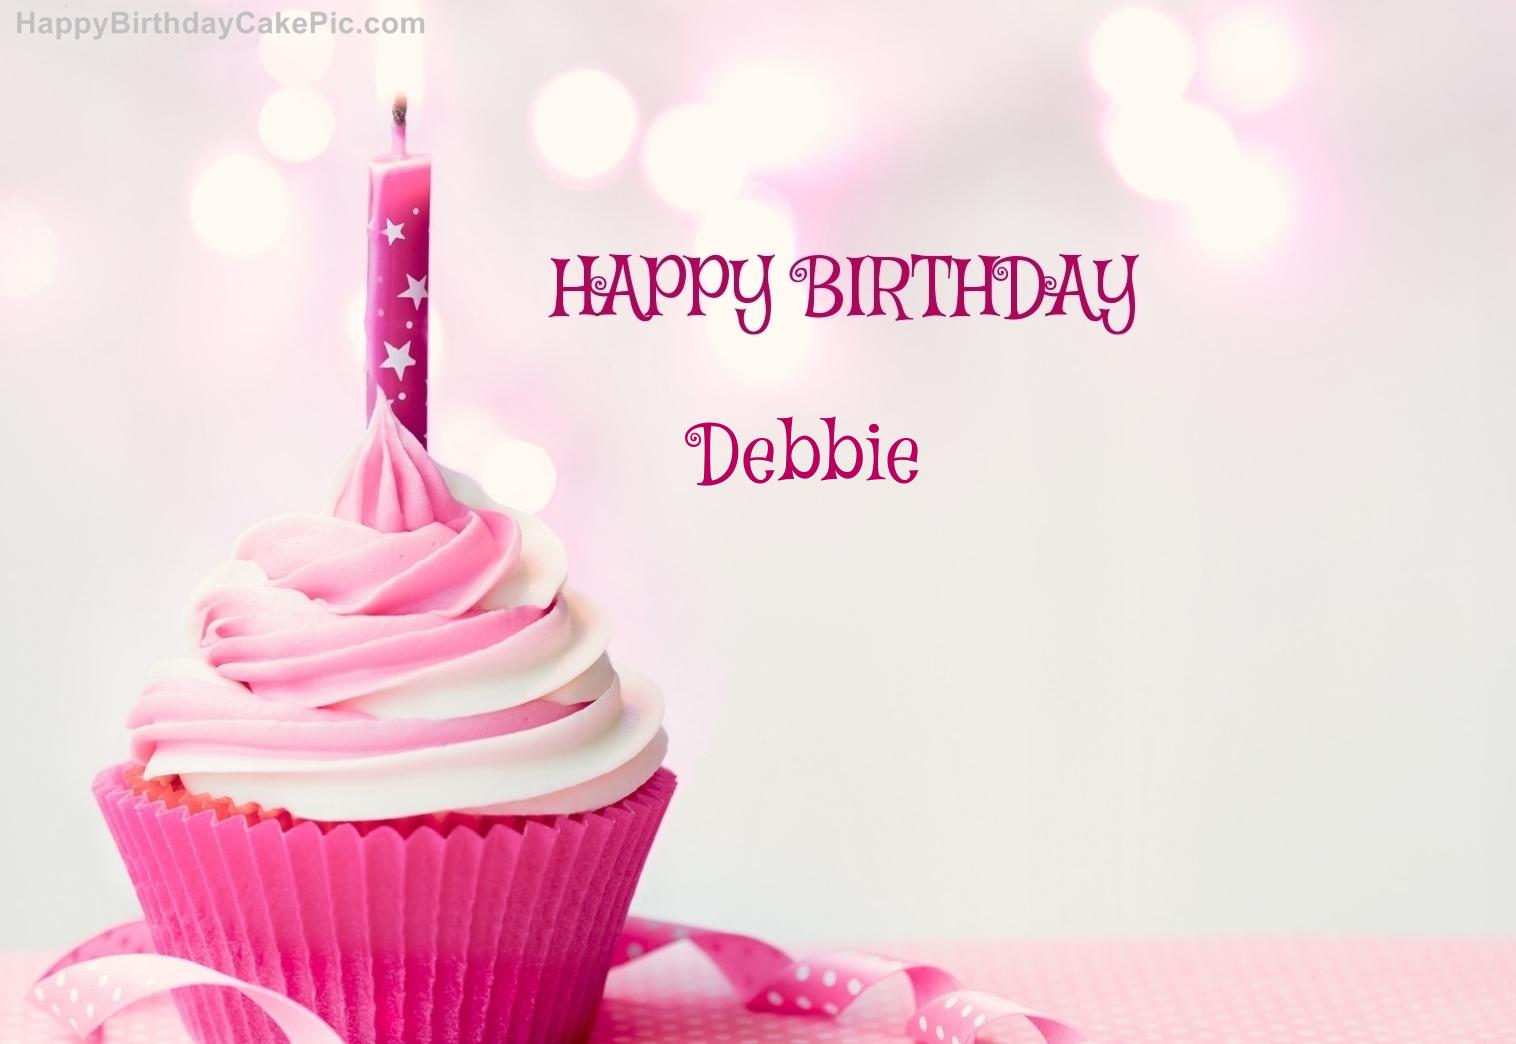 Happy Birthday Debbie Cake Pictures